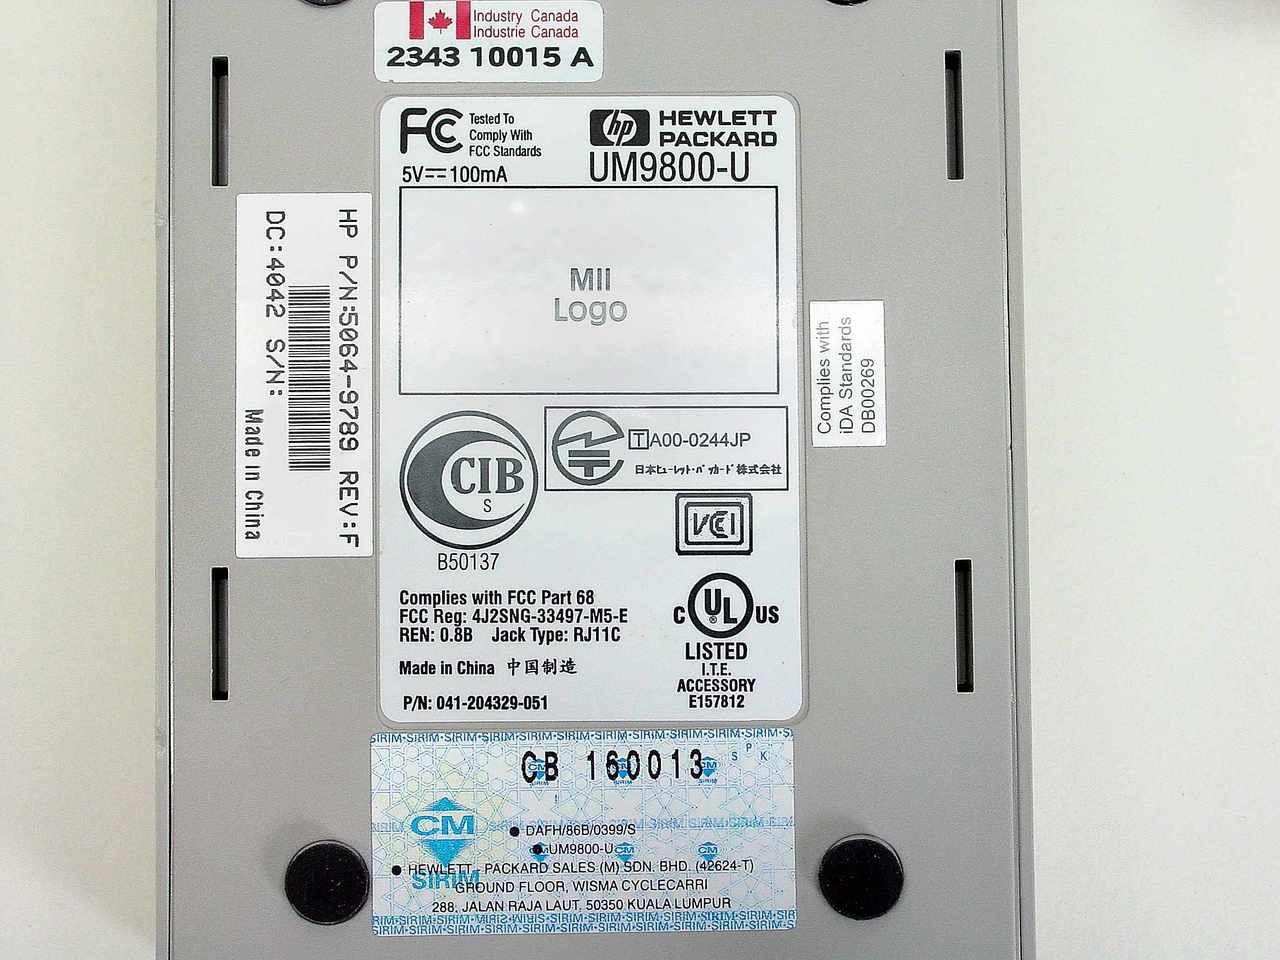 HEWLETT PACKARD 56K V90 USB E MODEM DESCARGAR DRIVER